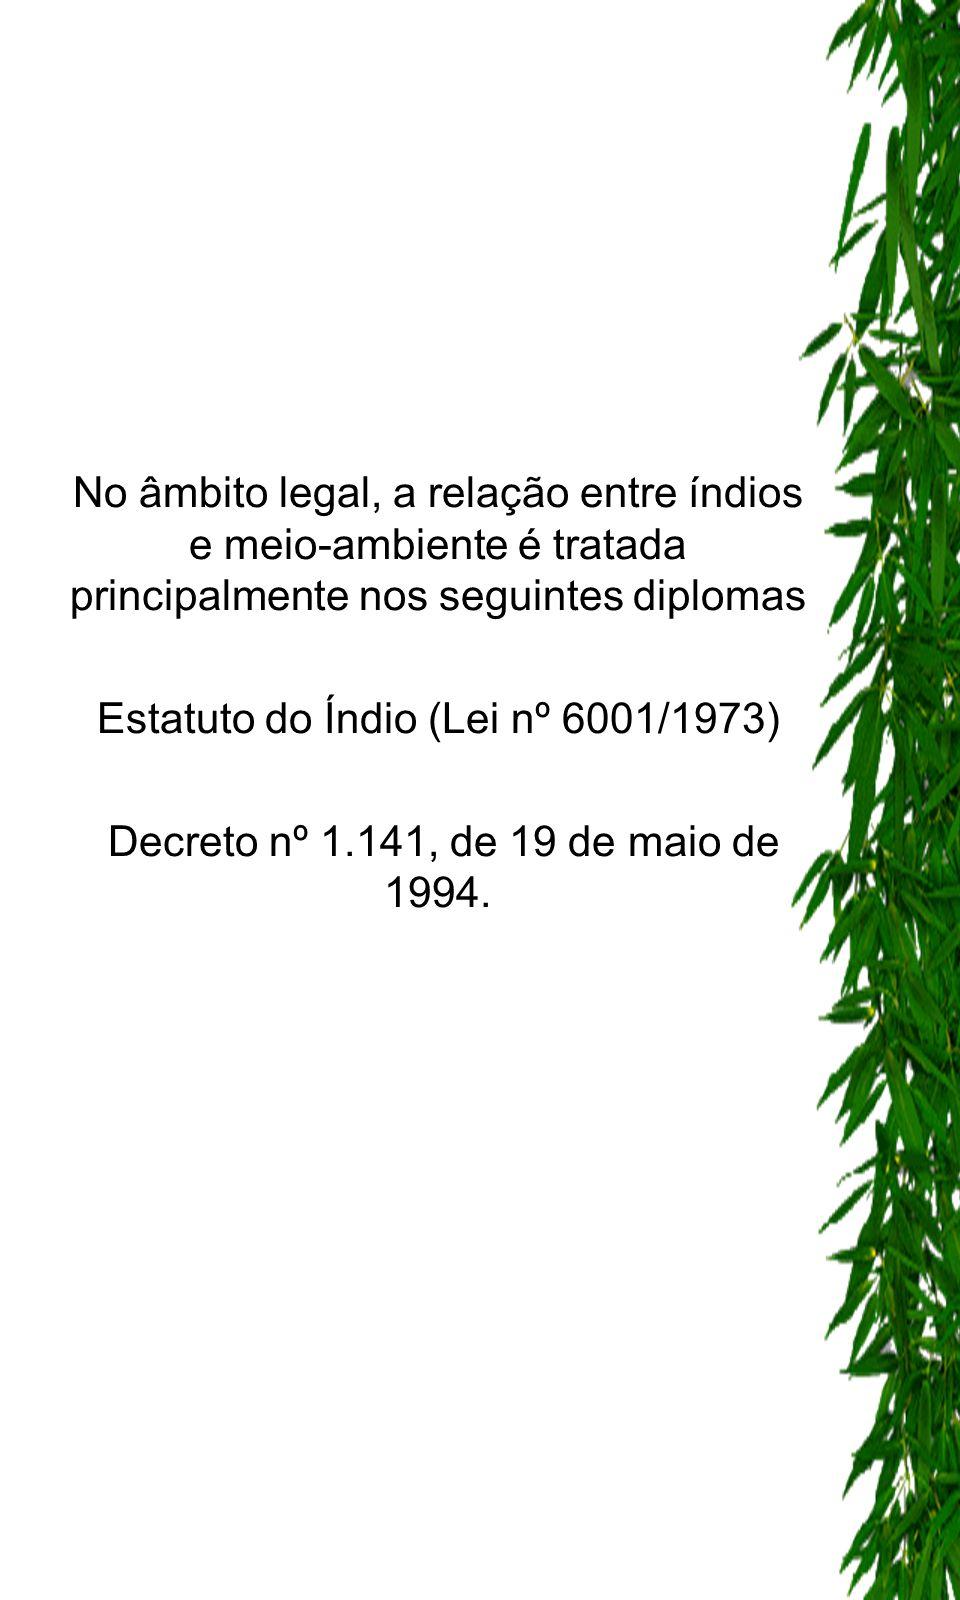 No âmbito legal, a relação entre índios e meio-ambiente é tratada principalmente nos seguintes diplomas Estatuto do Índio (Lei nº 6001/1973) Decreto n